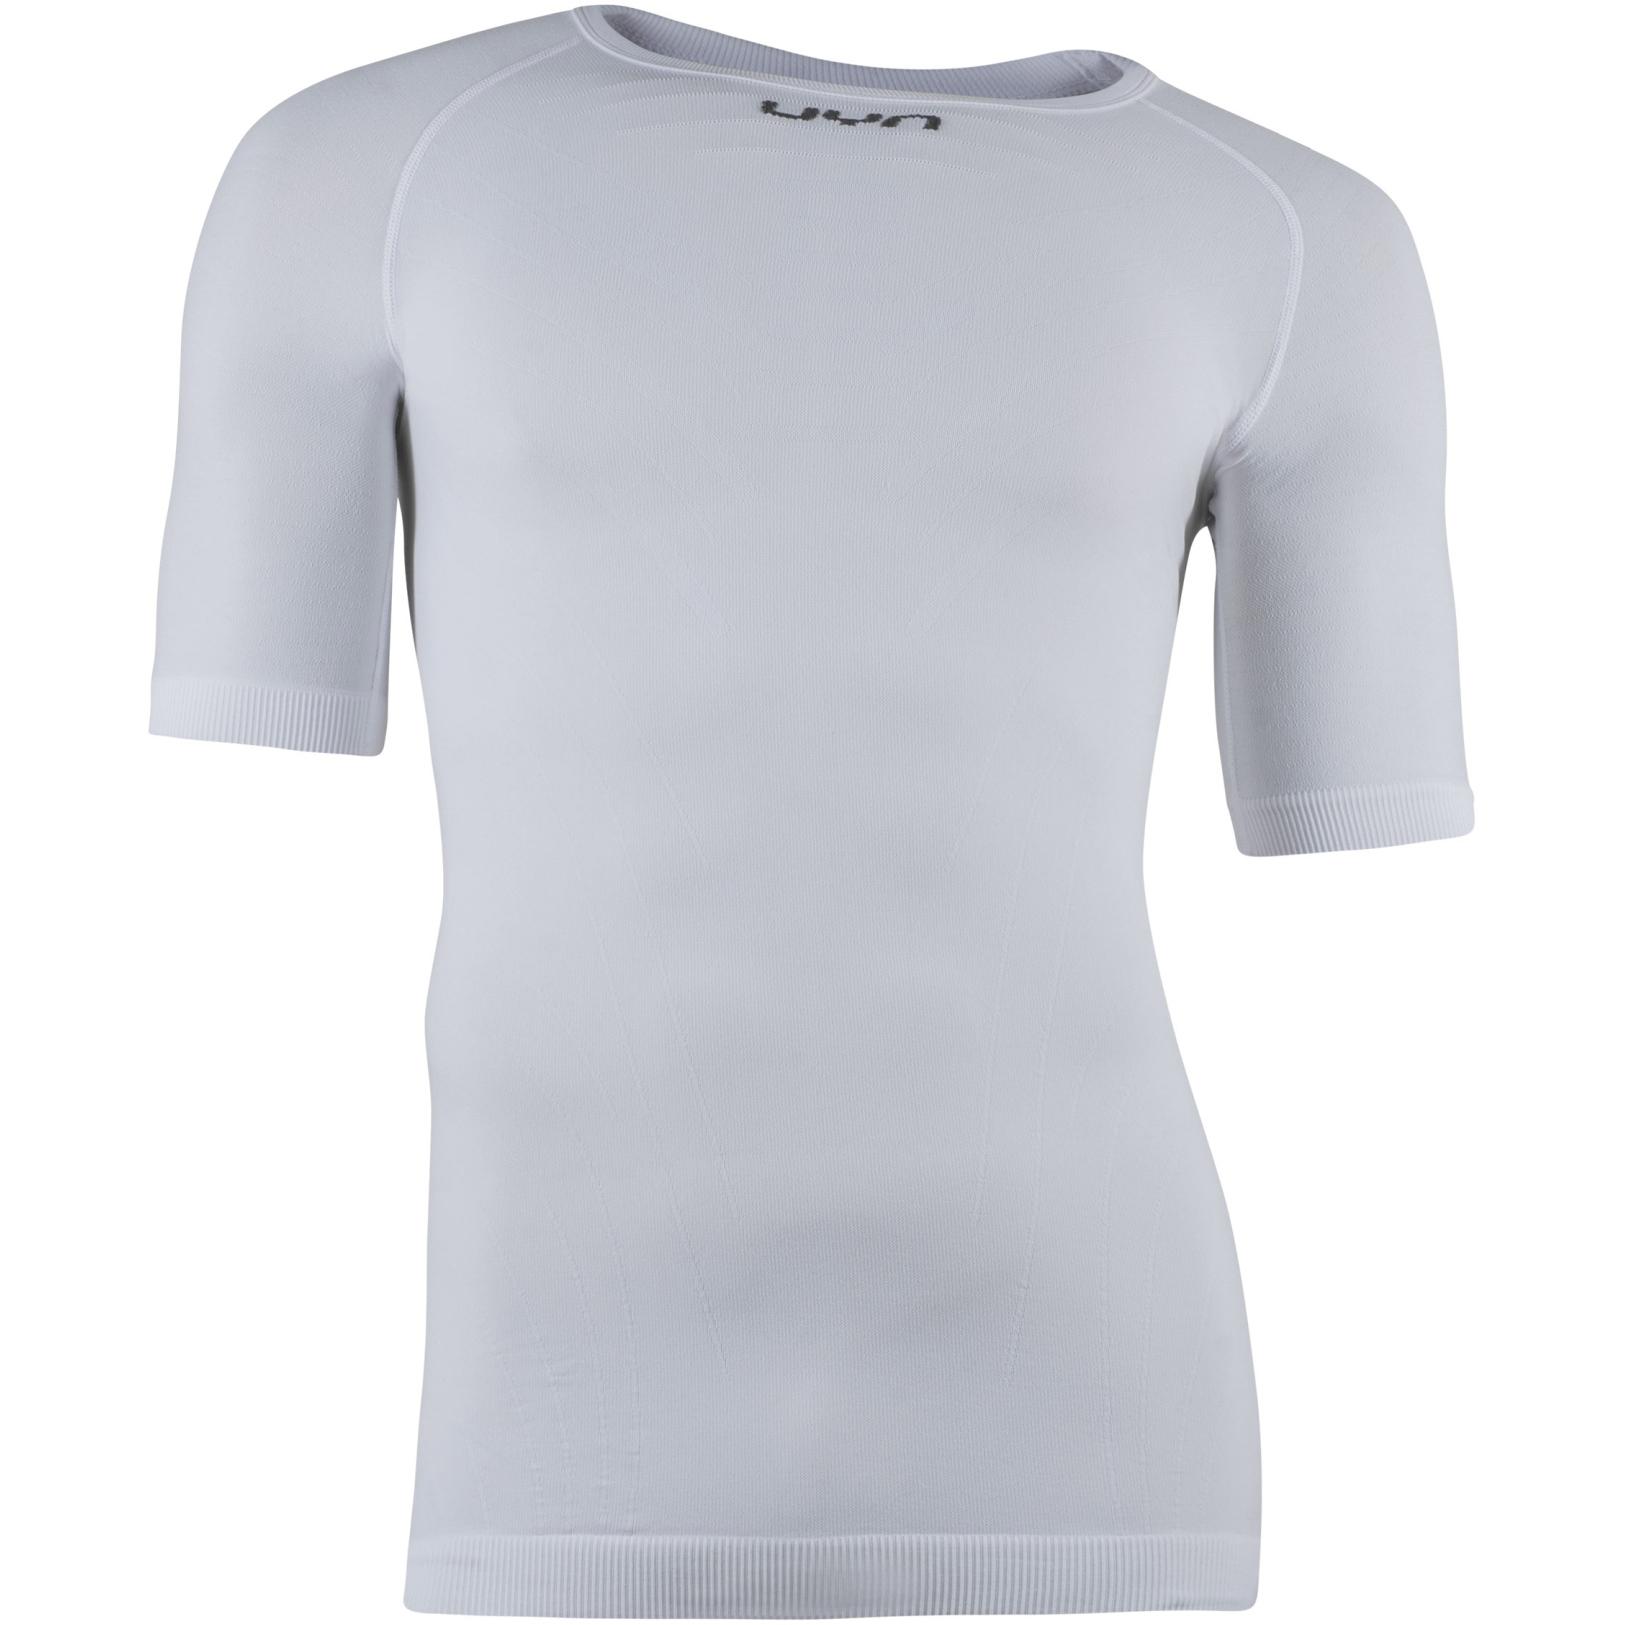 UYN Motyon 2.0 Herren Kurzärmliges Unterhemd - White